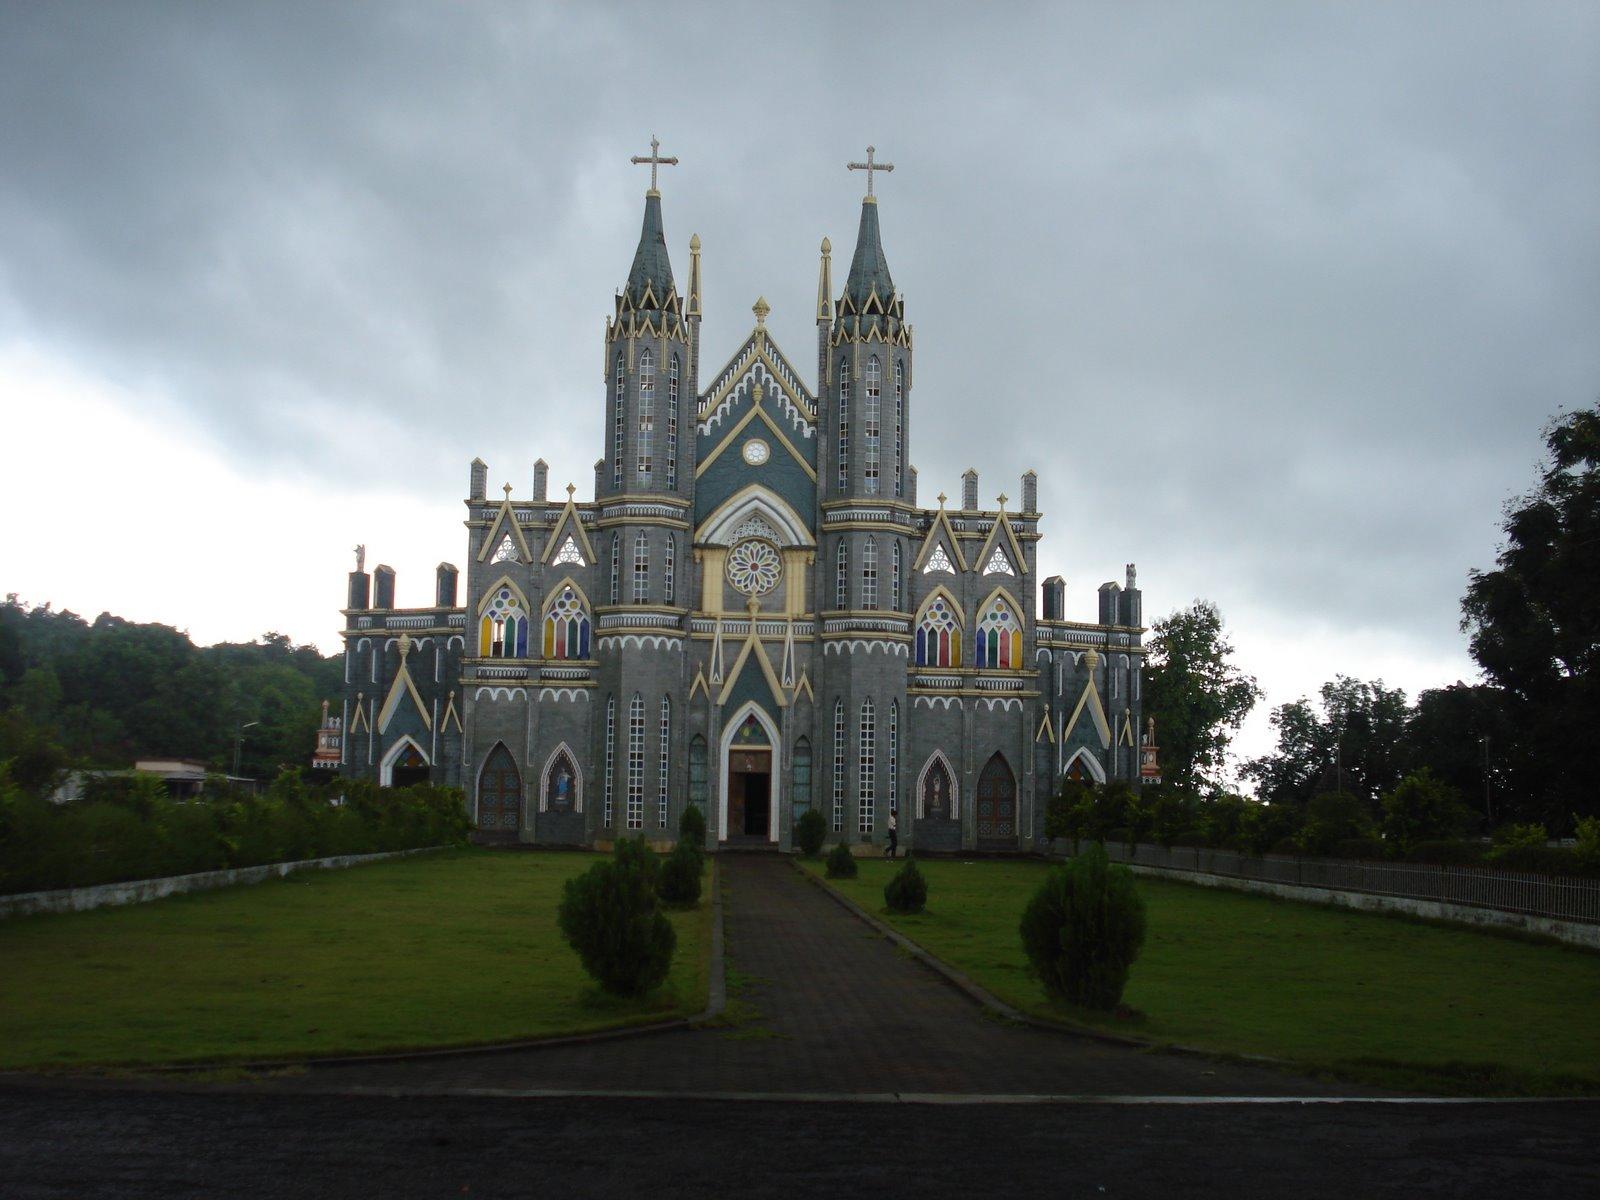 St Lwarence Shurch